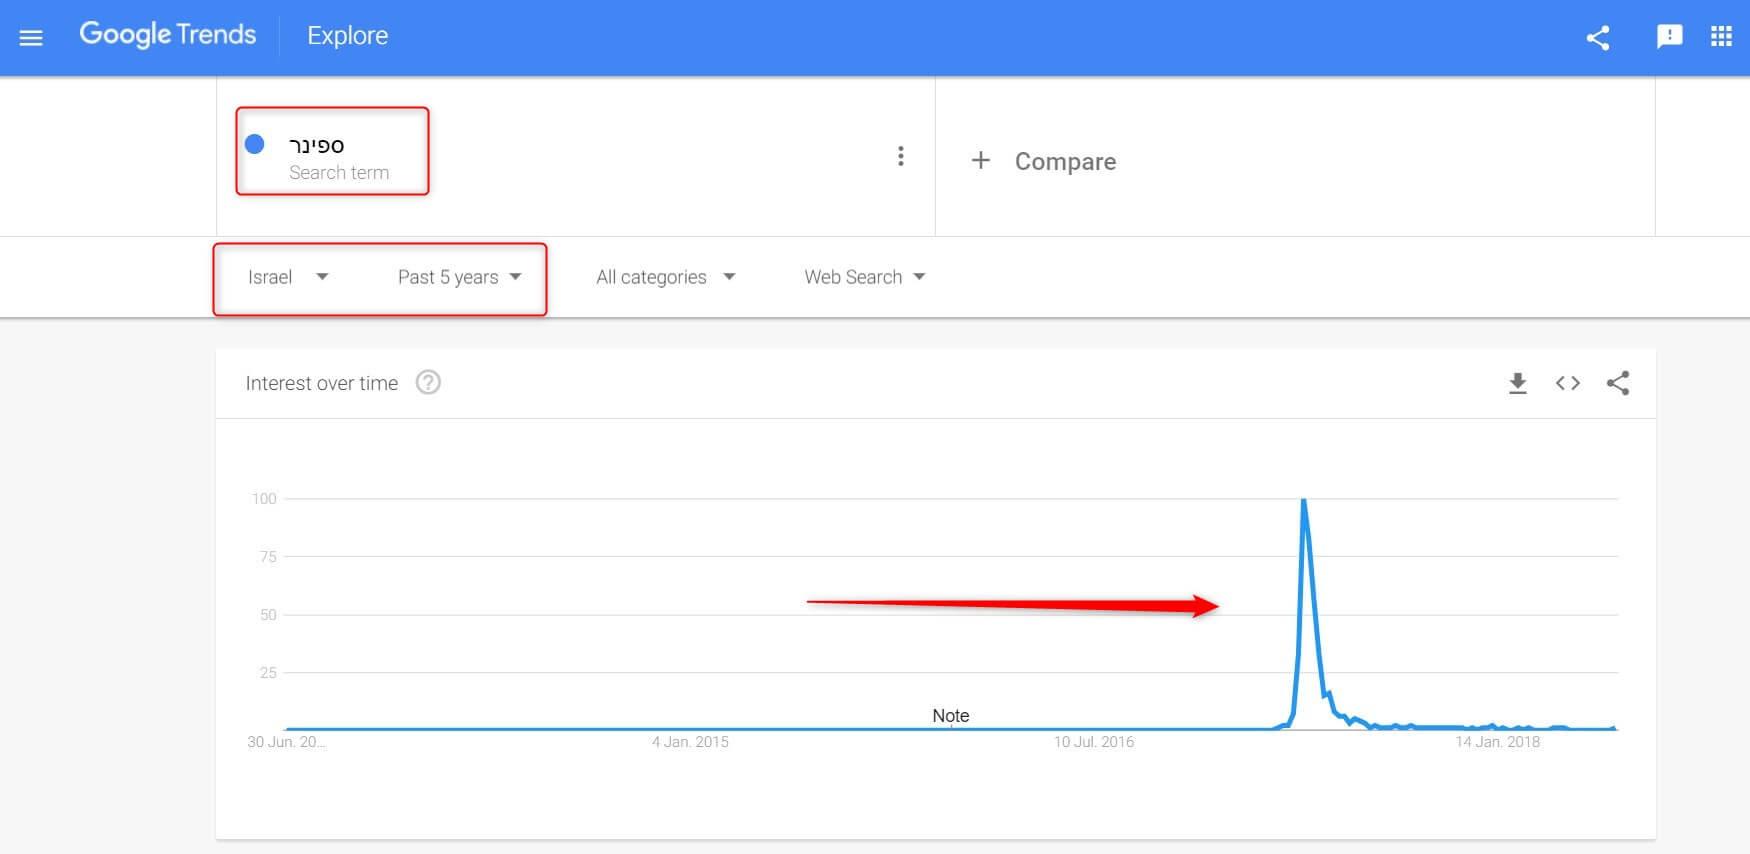 מחקר מילות מפתח דוגמא ספינר גוגל טרנדס